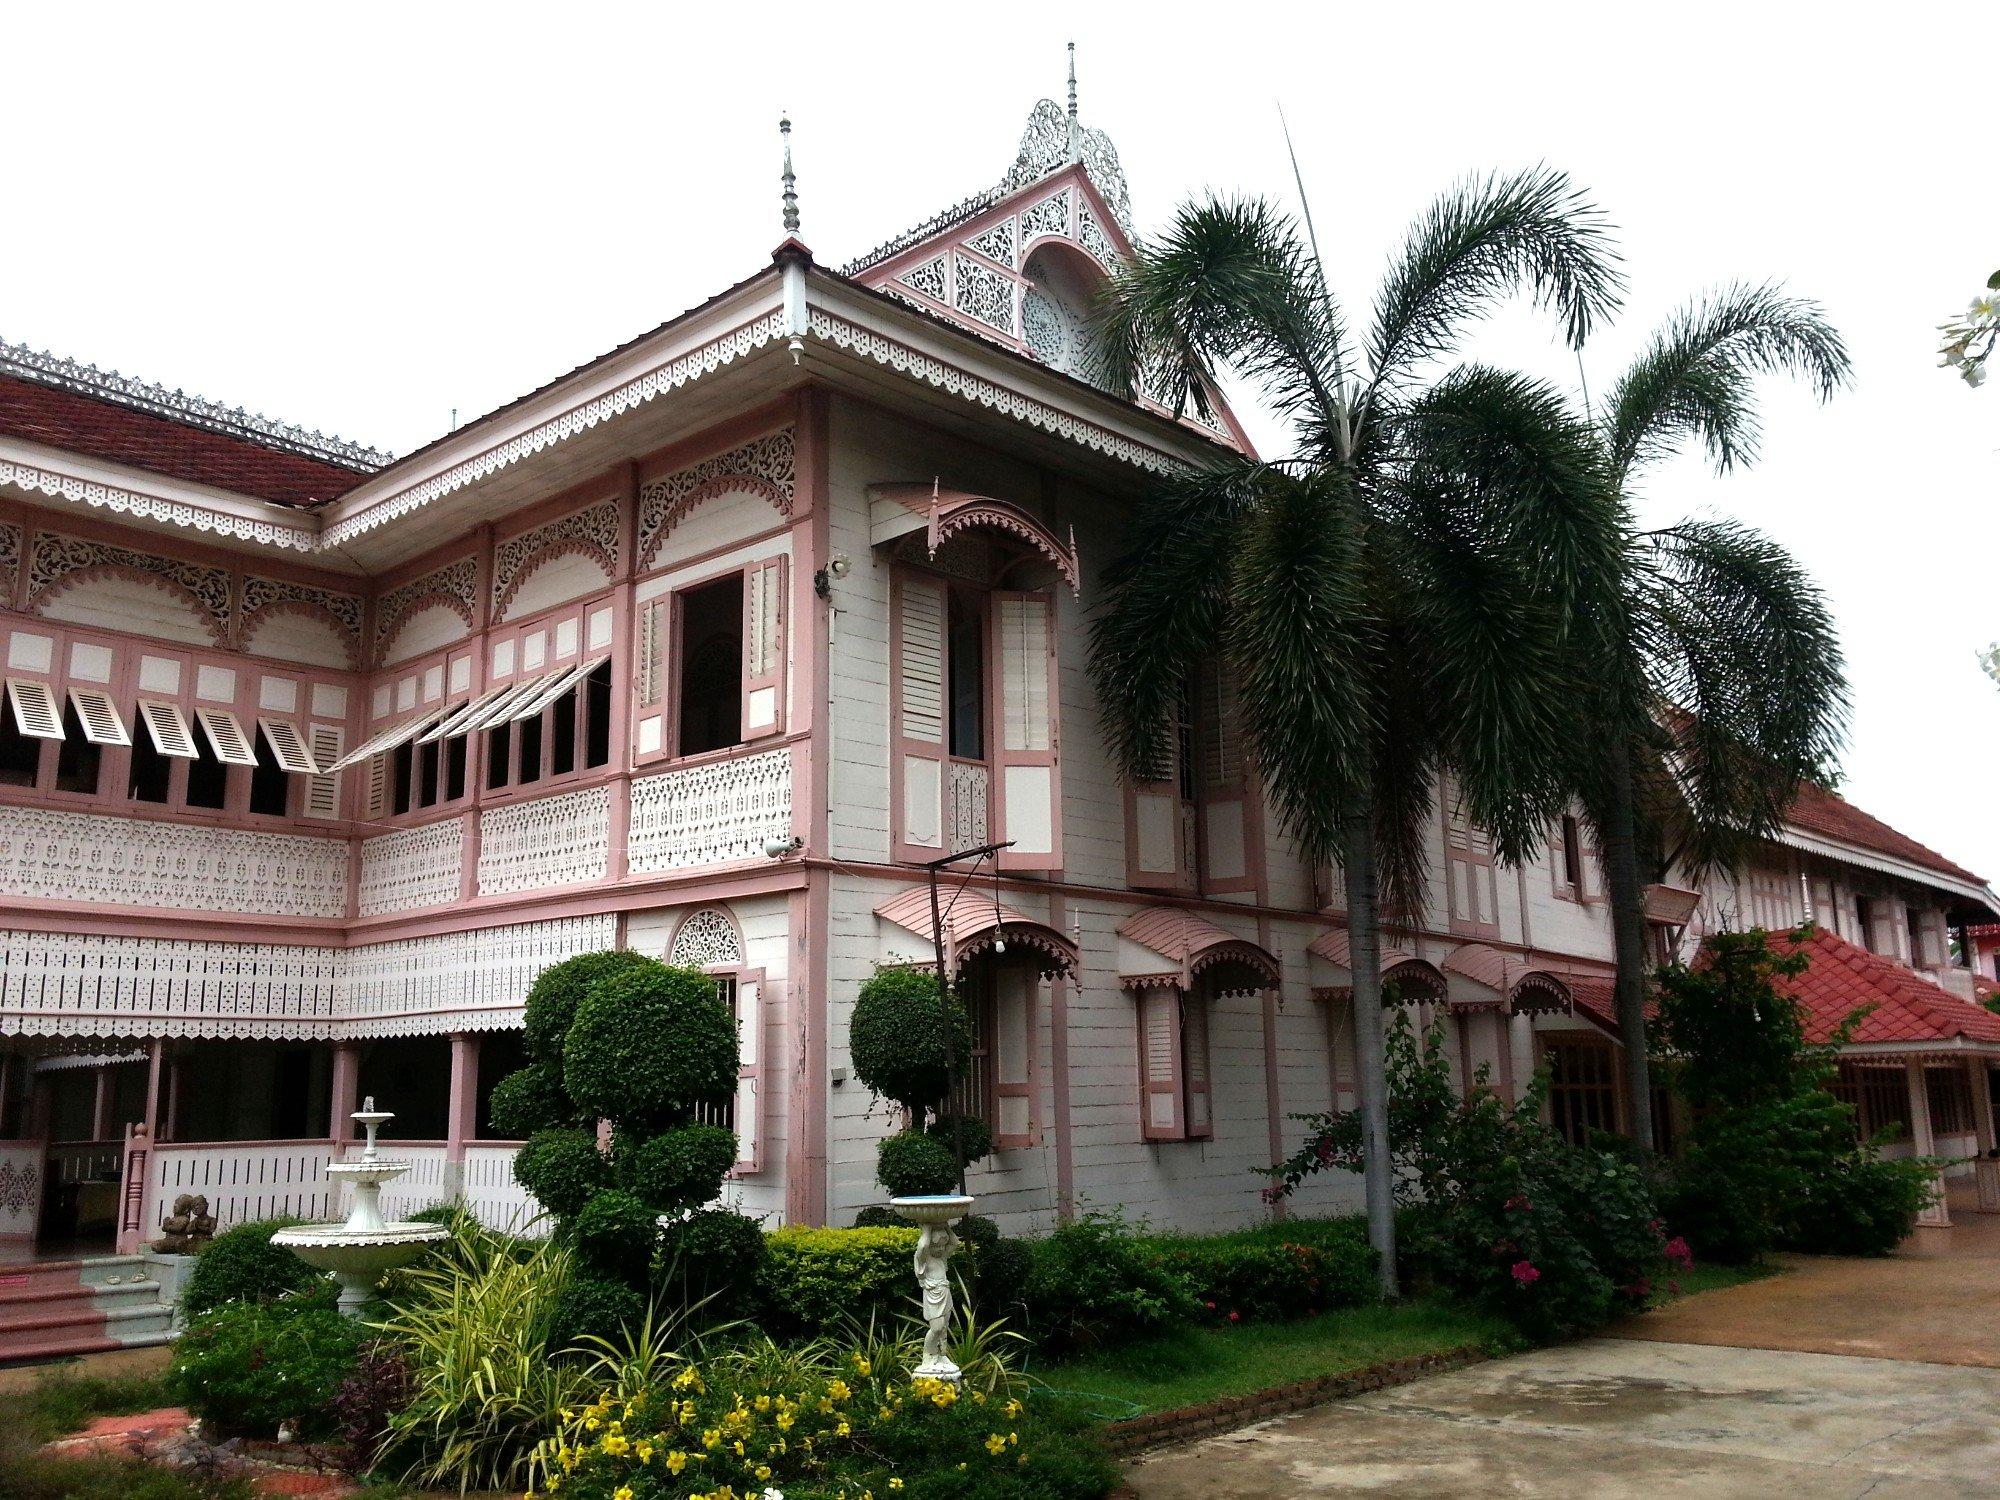 Vongburi House in Phrae